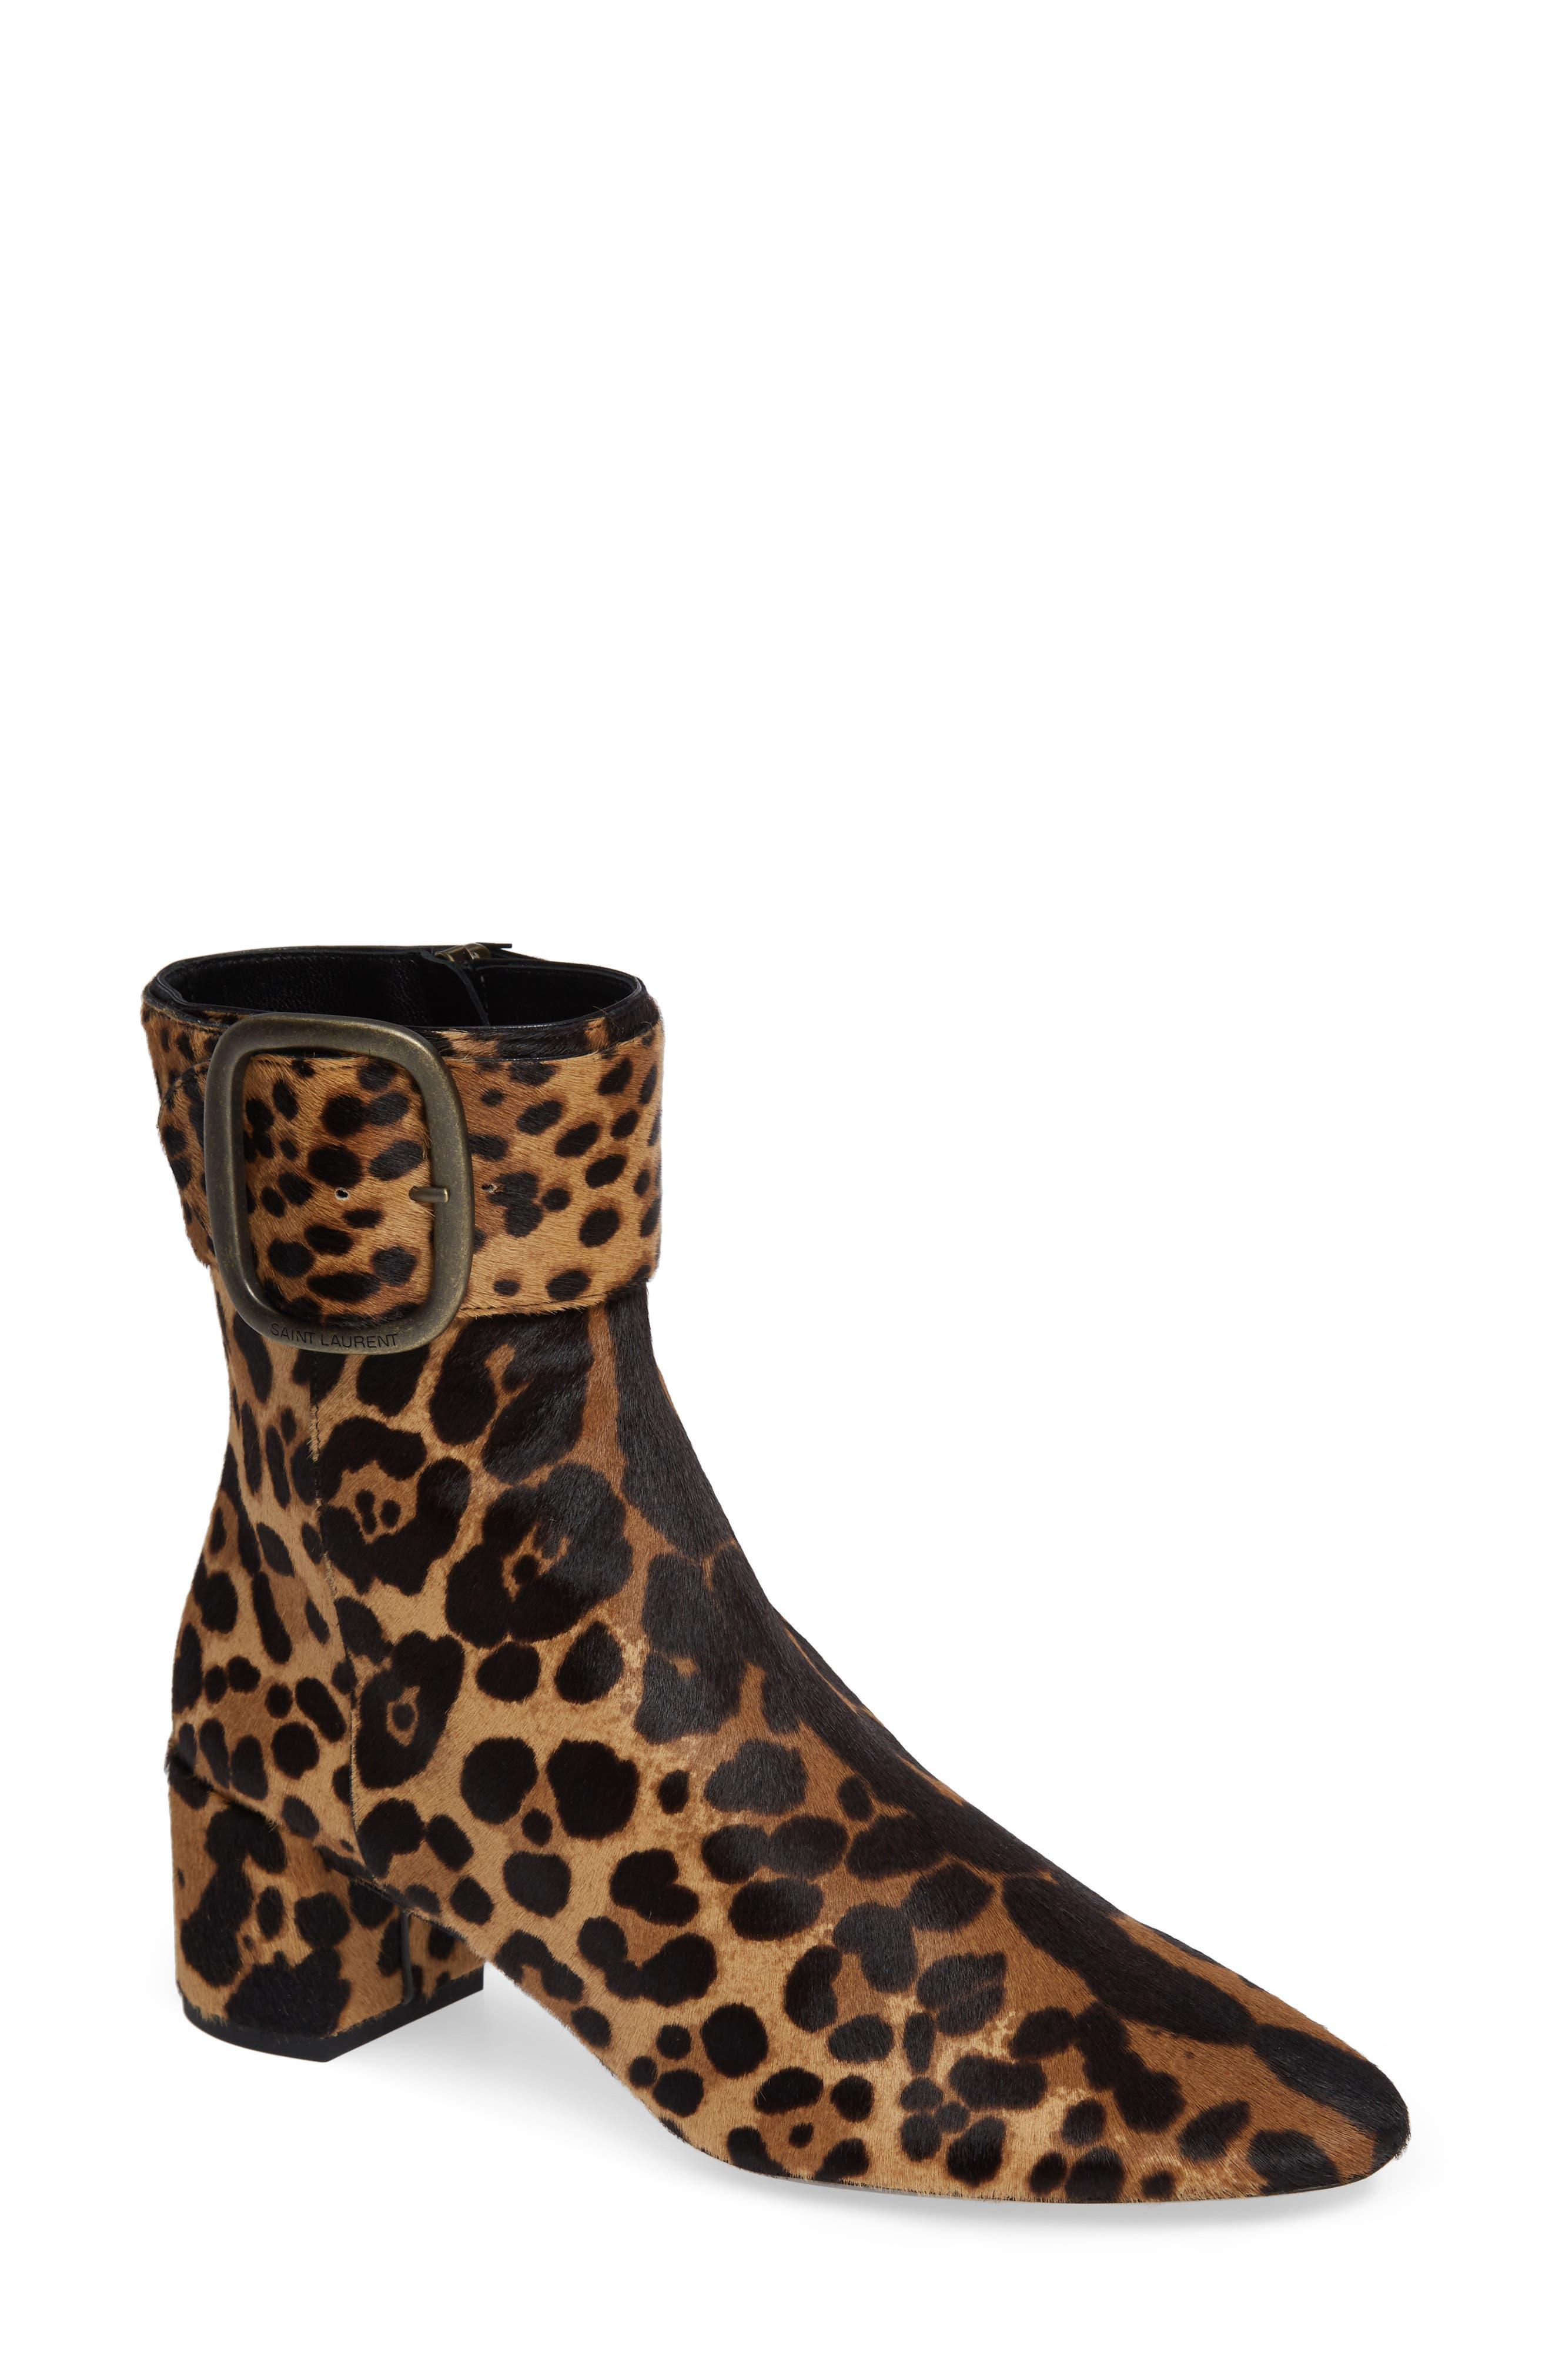 Leopard Genuine Calf Hair Buckle Bootie,                             Main thumbnail 1, color,                             LEOPARD CALF HAIR